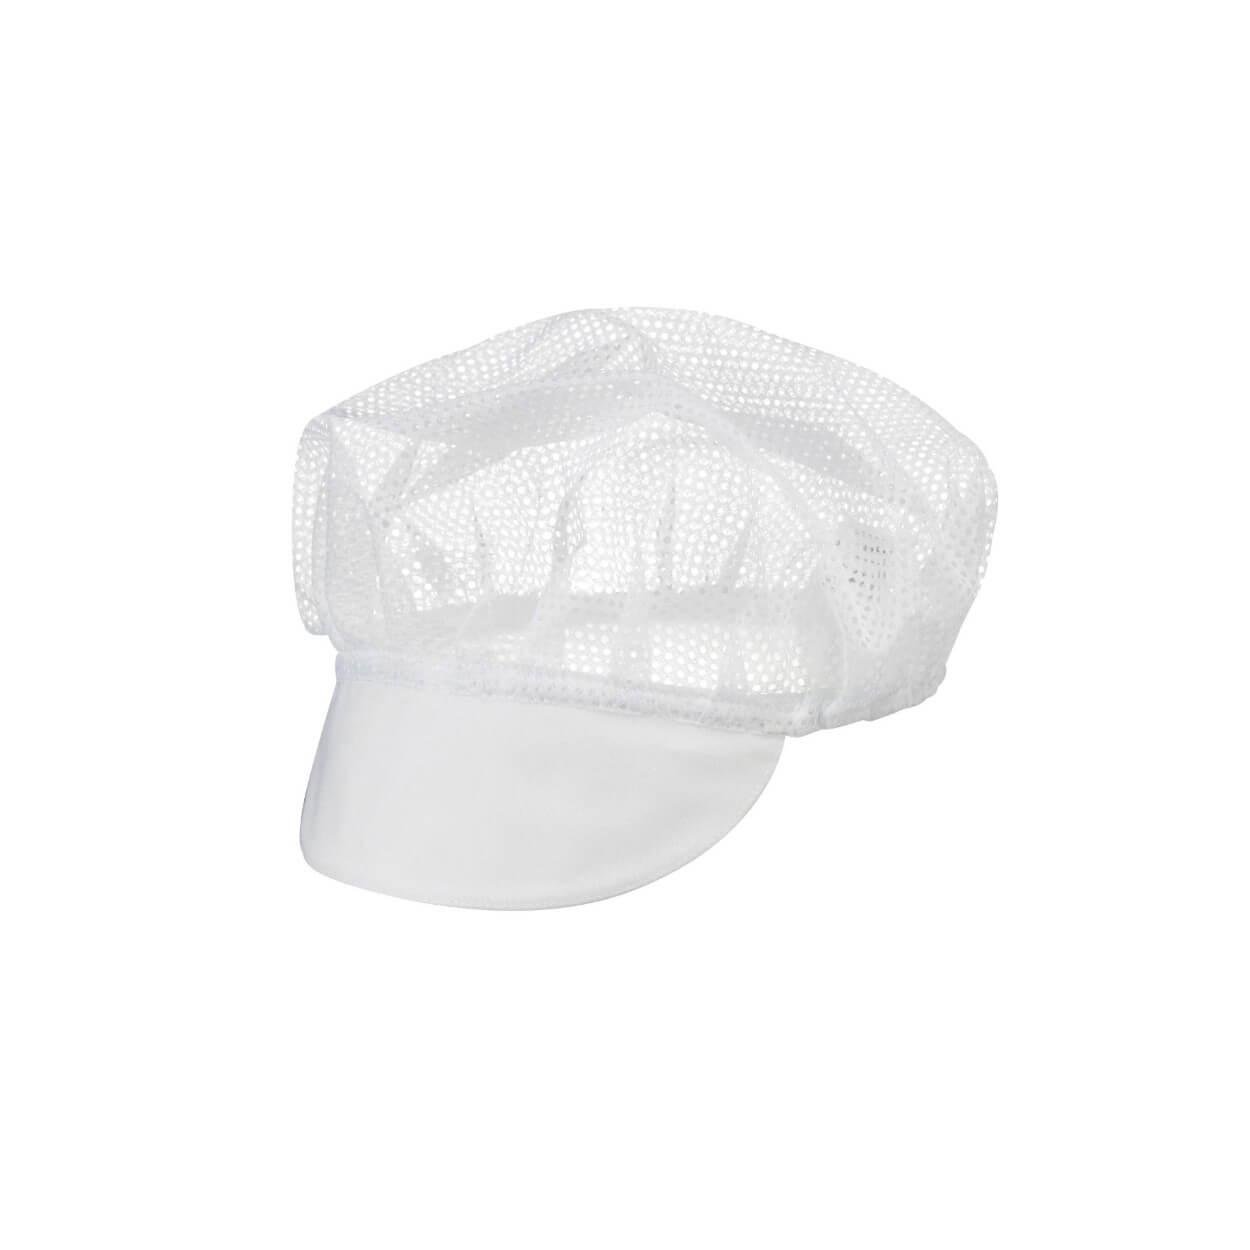 Καπέλο ολόσωμου λευκού πλέγματος